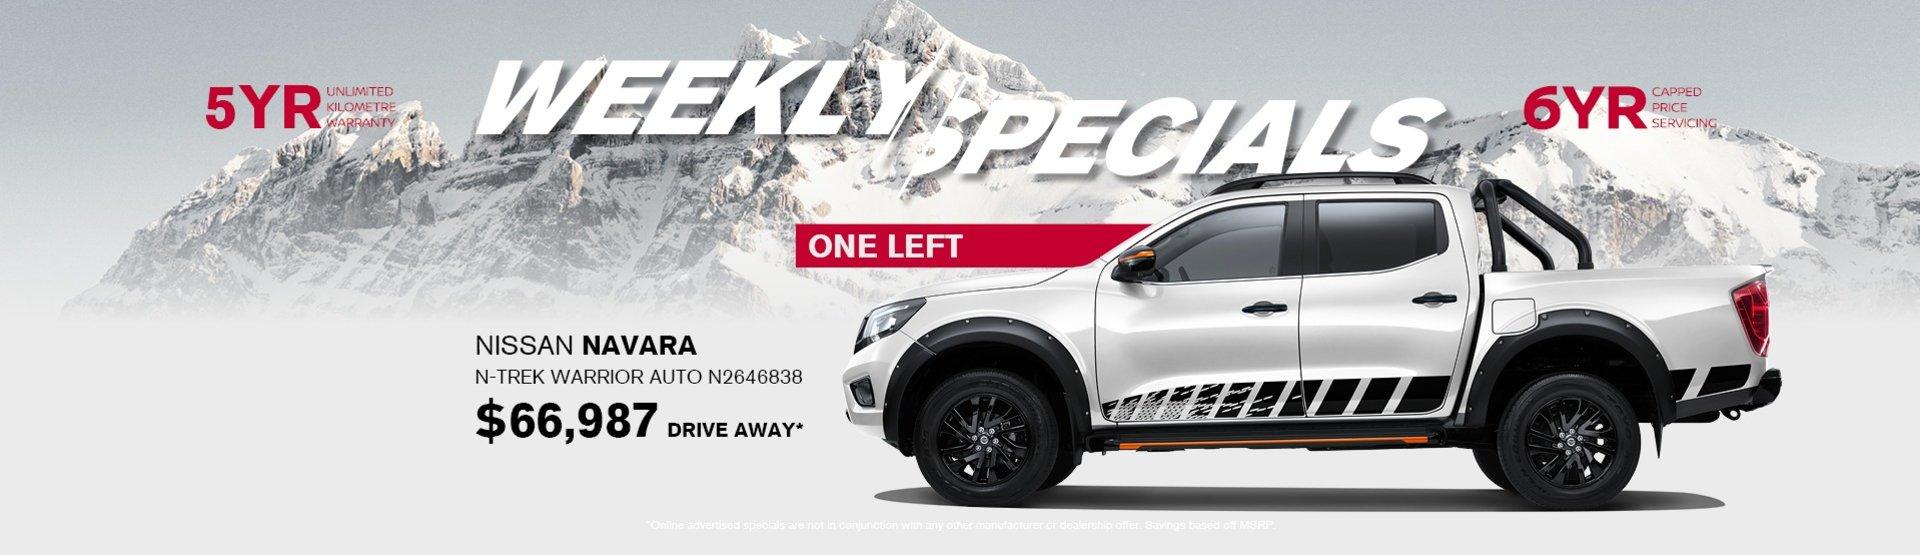 2020 Nissan Navara N-TREK Warrior special